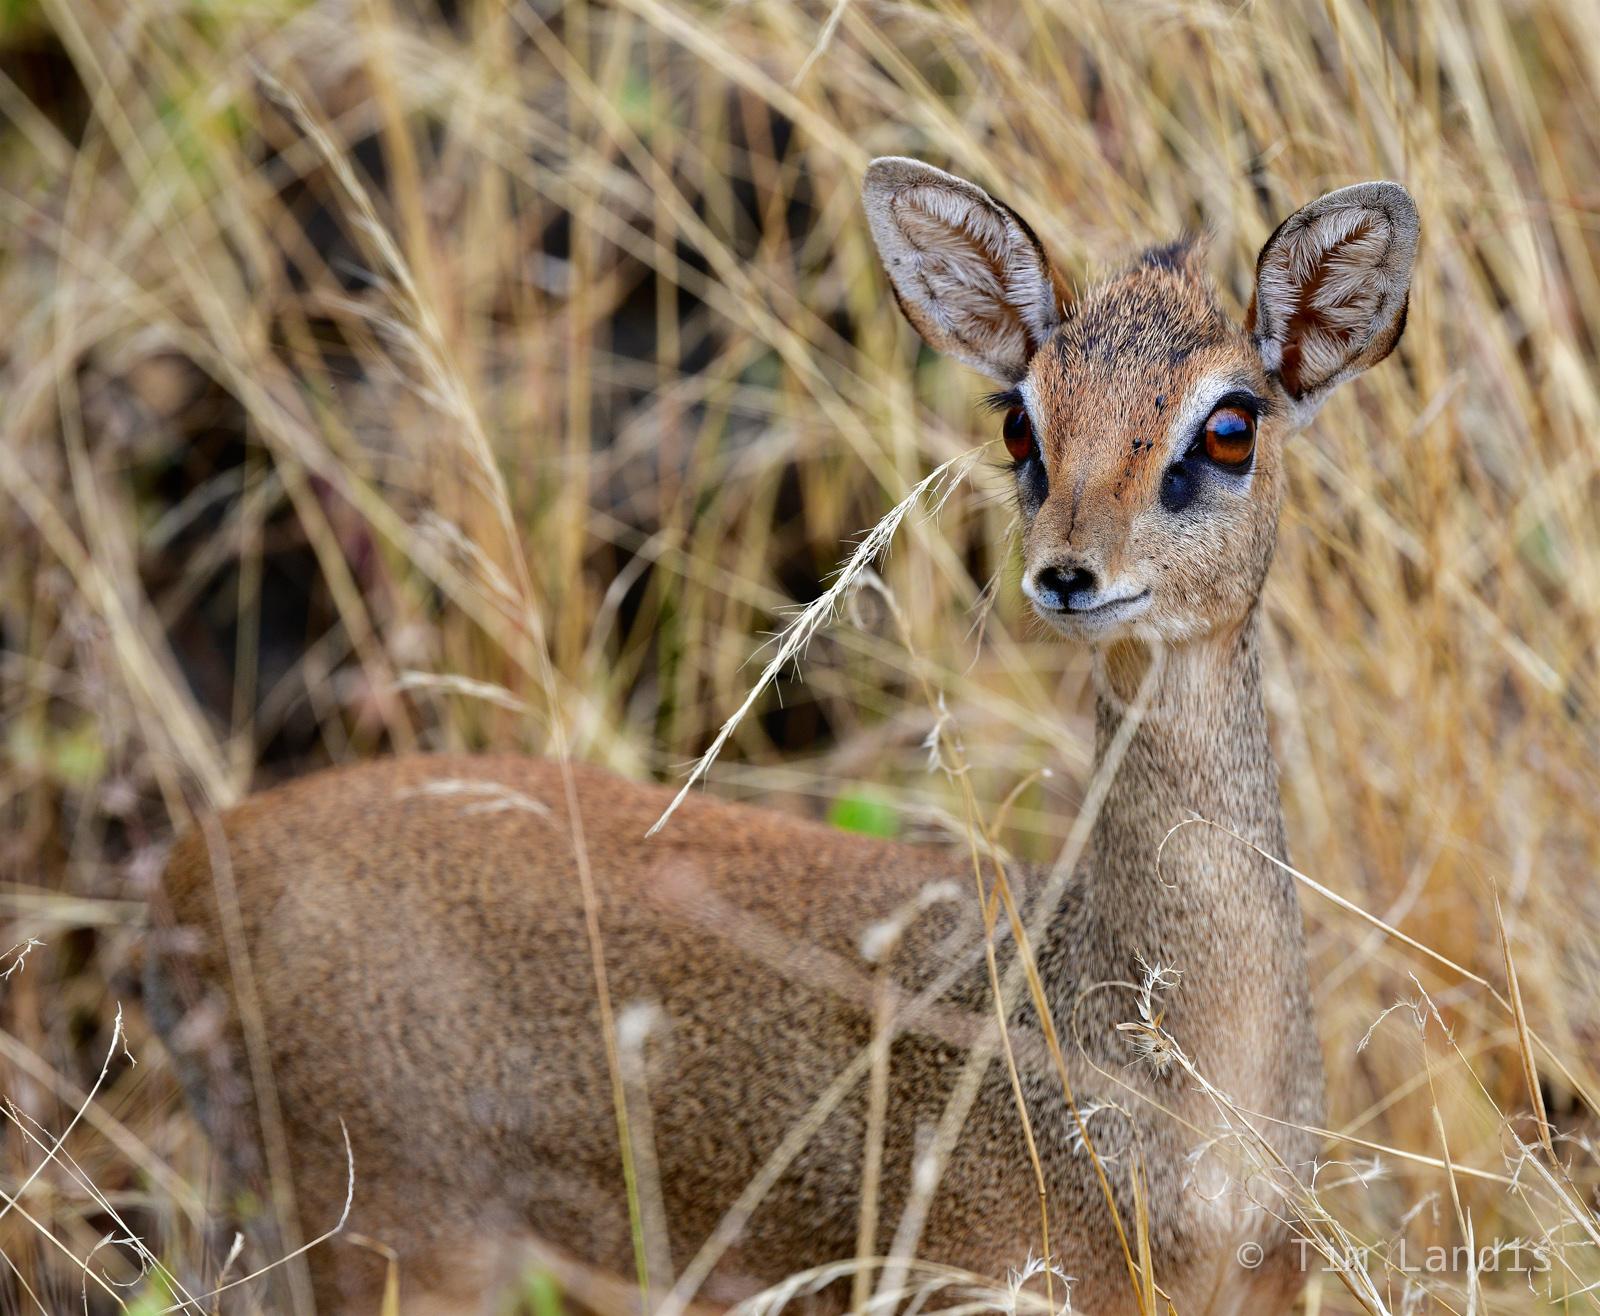 Dik-dik, second smallest member of the deer family, photo